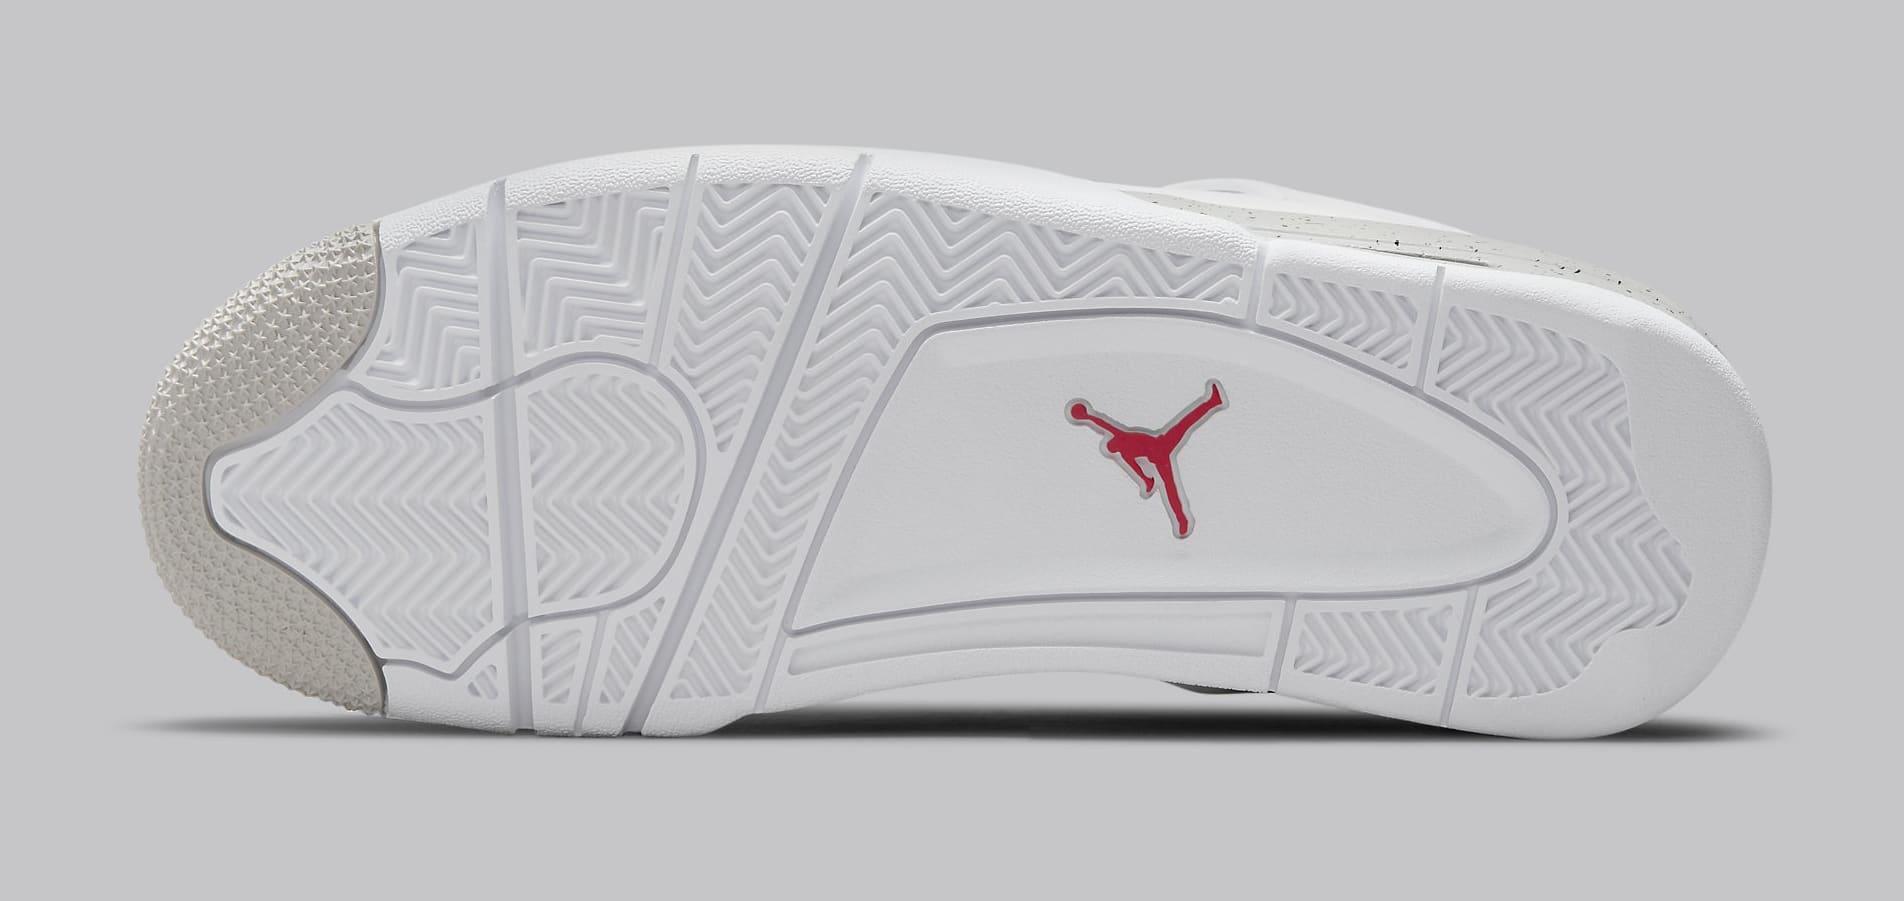 Air Jordan 4 Retro 'White Oreo' CT8527-100 Outsole